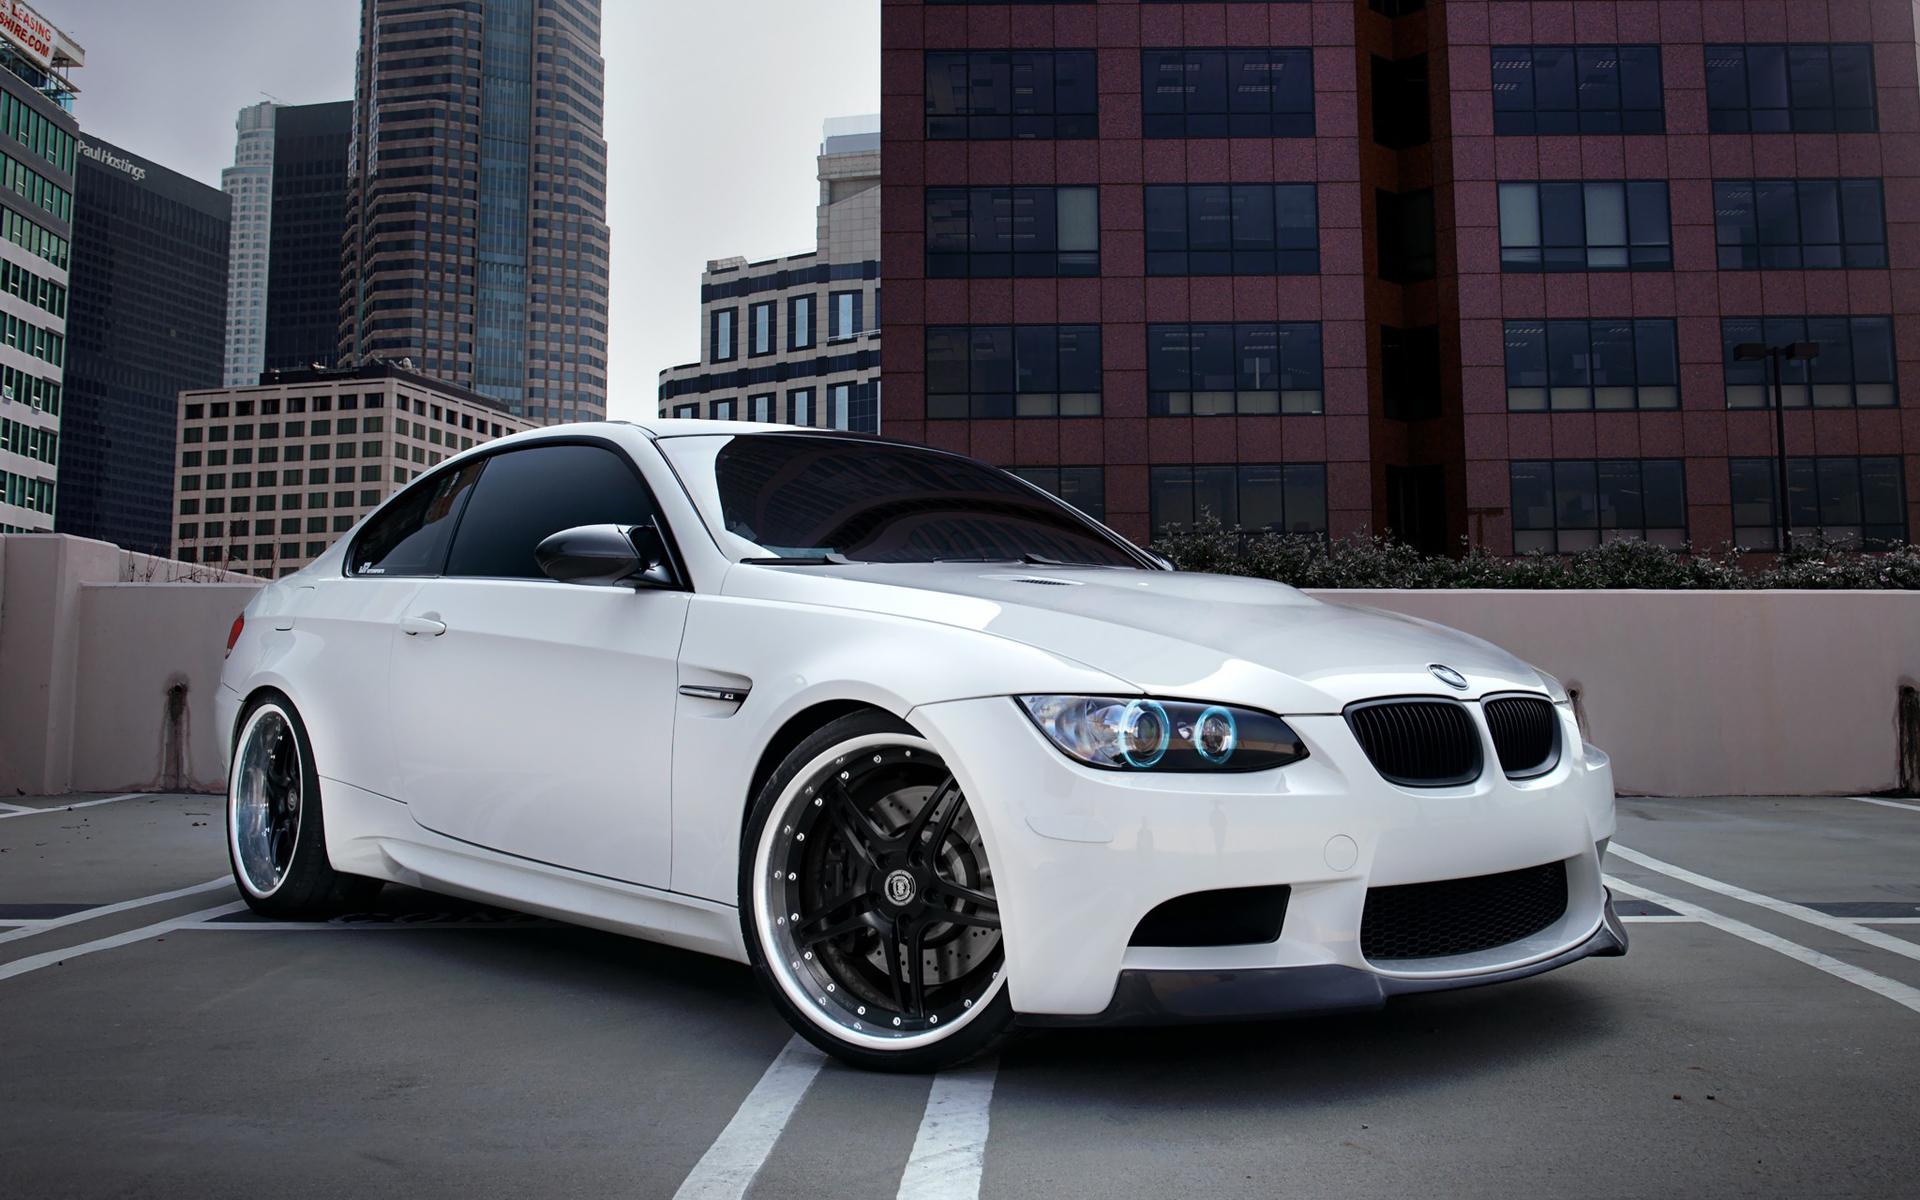 BMW M3 wallpaper   726292 1920x1200